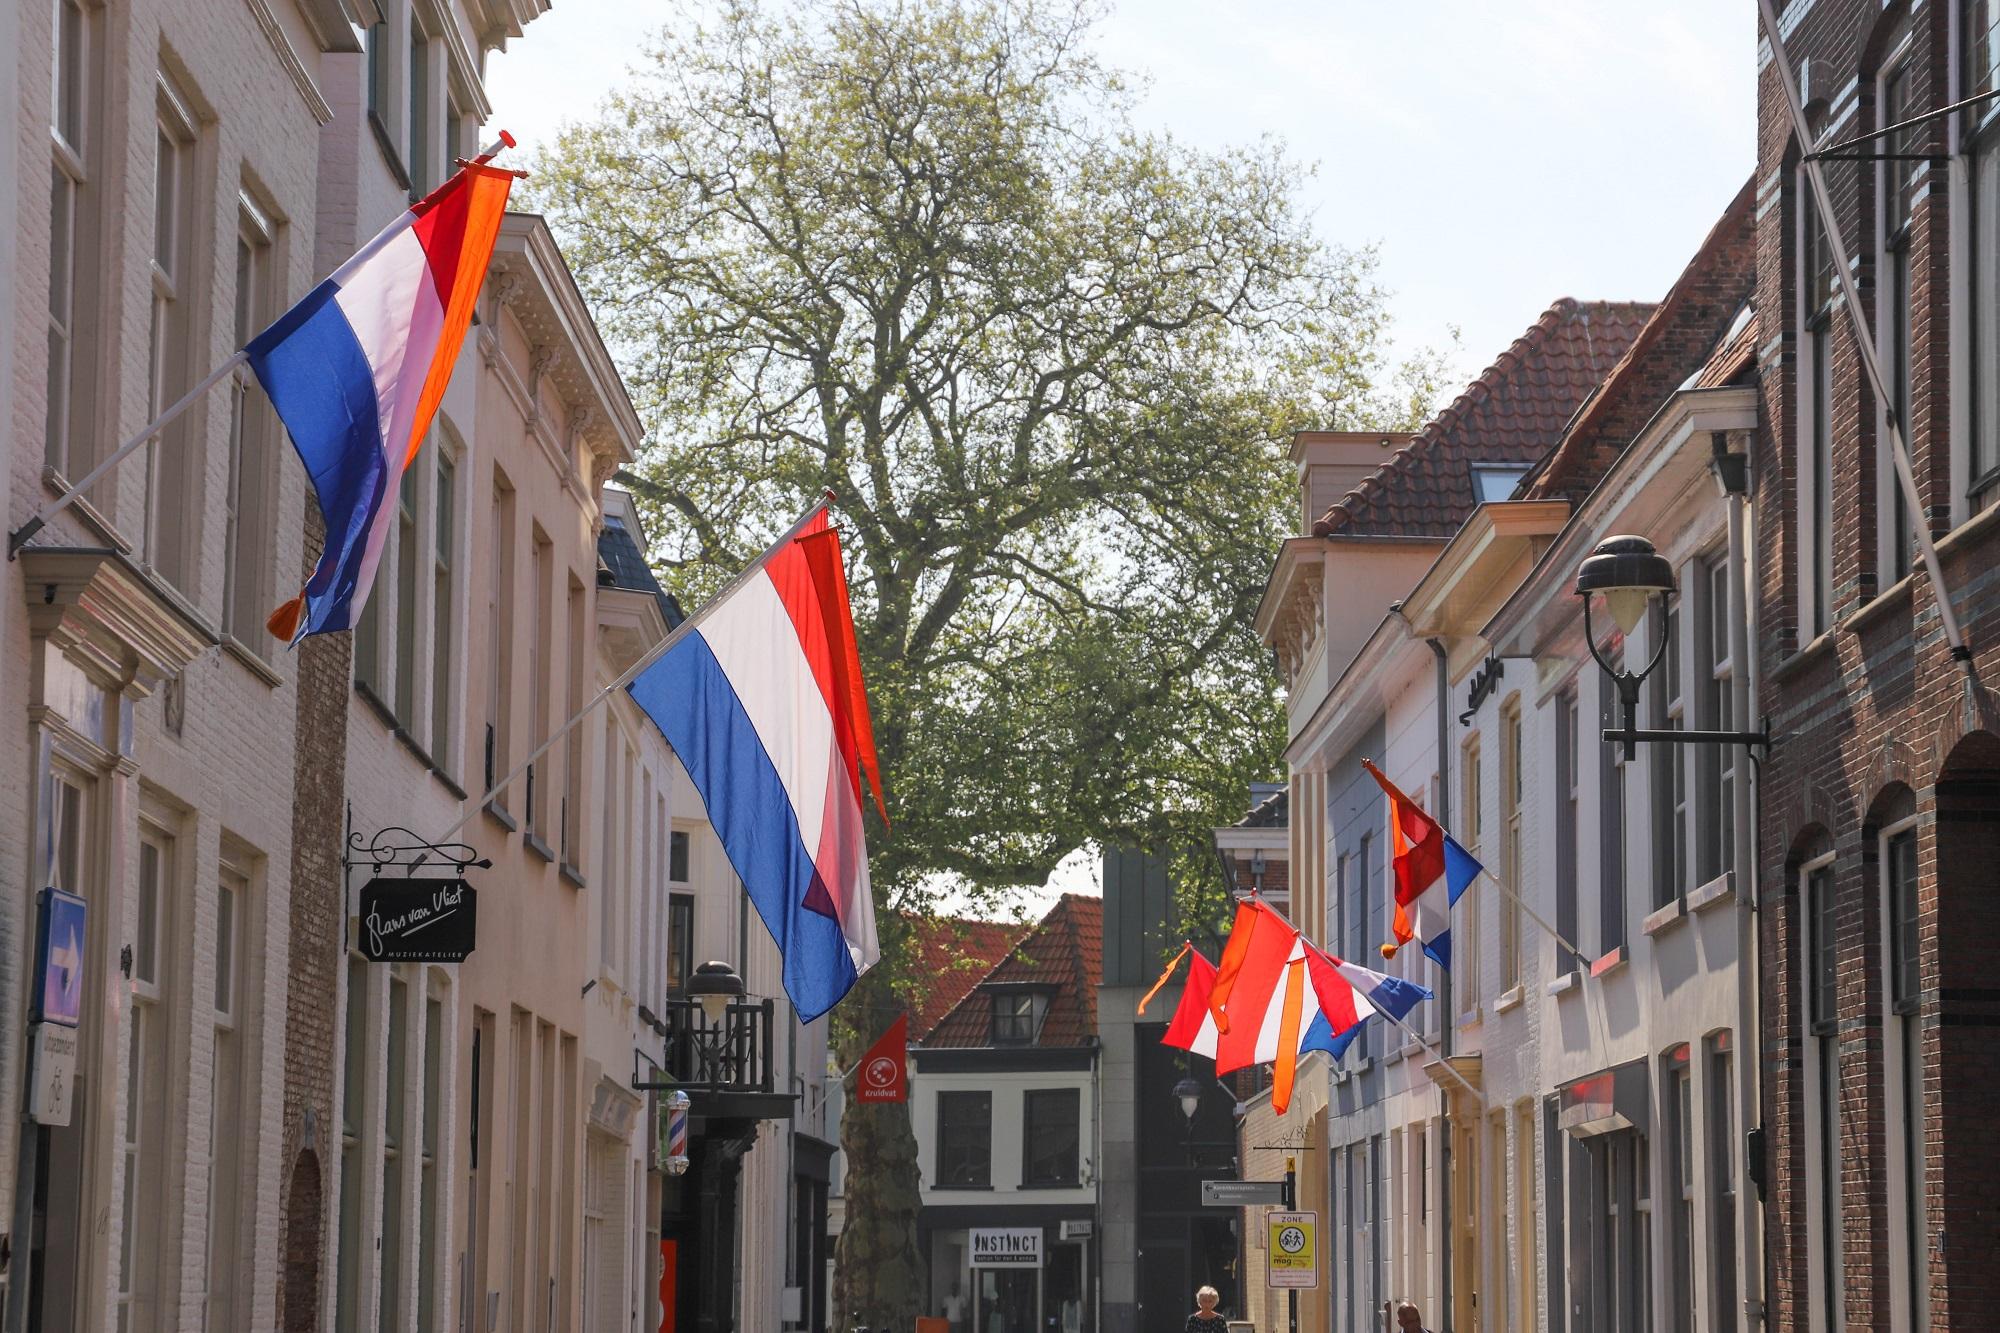 nederlandse vlag nederland woningsdag 2020 koningsdag 2020 bergen op zoom